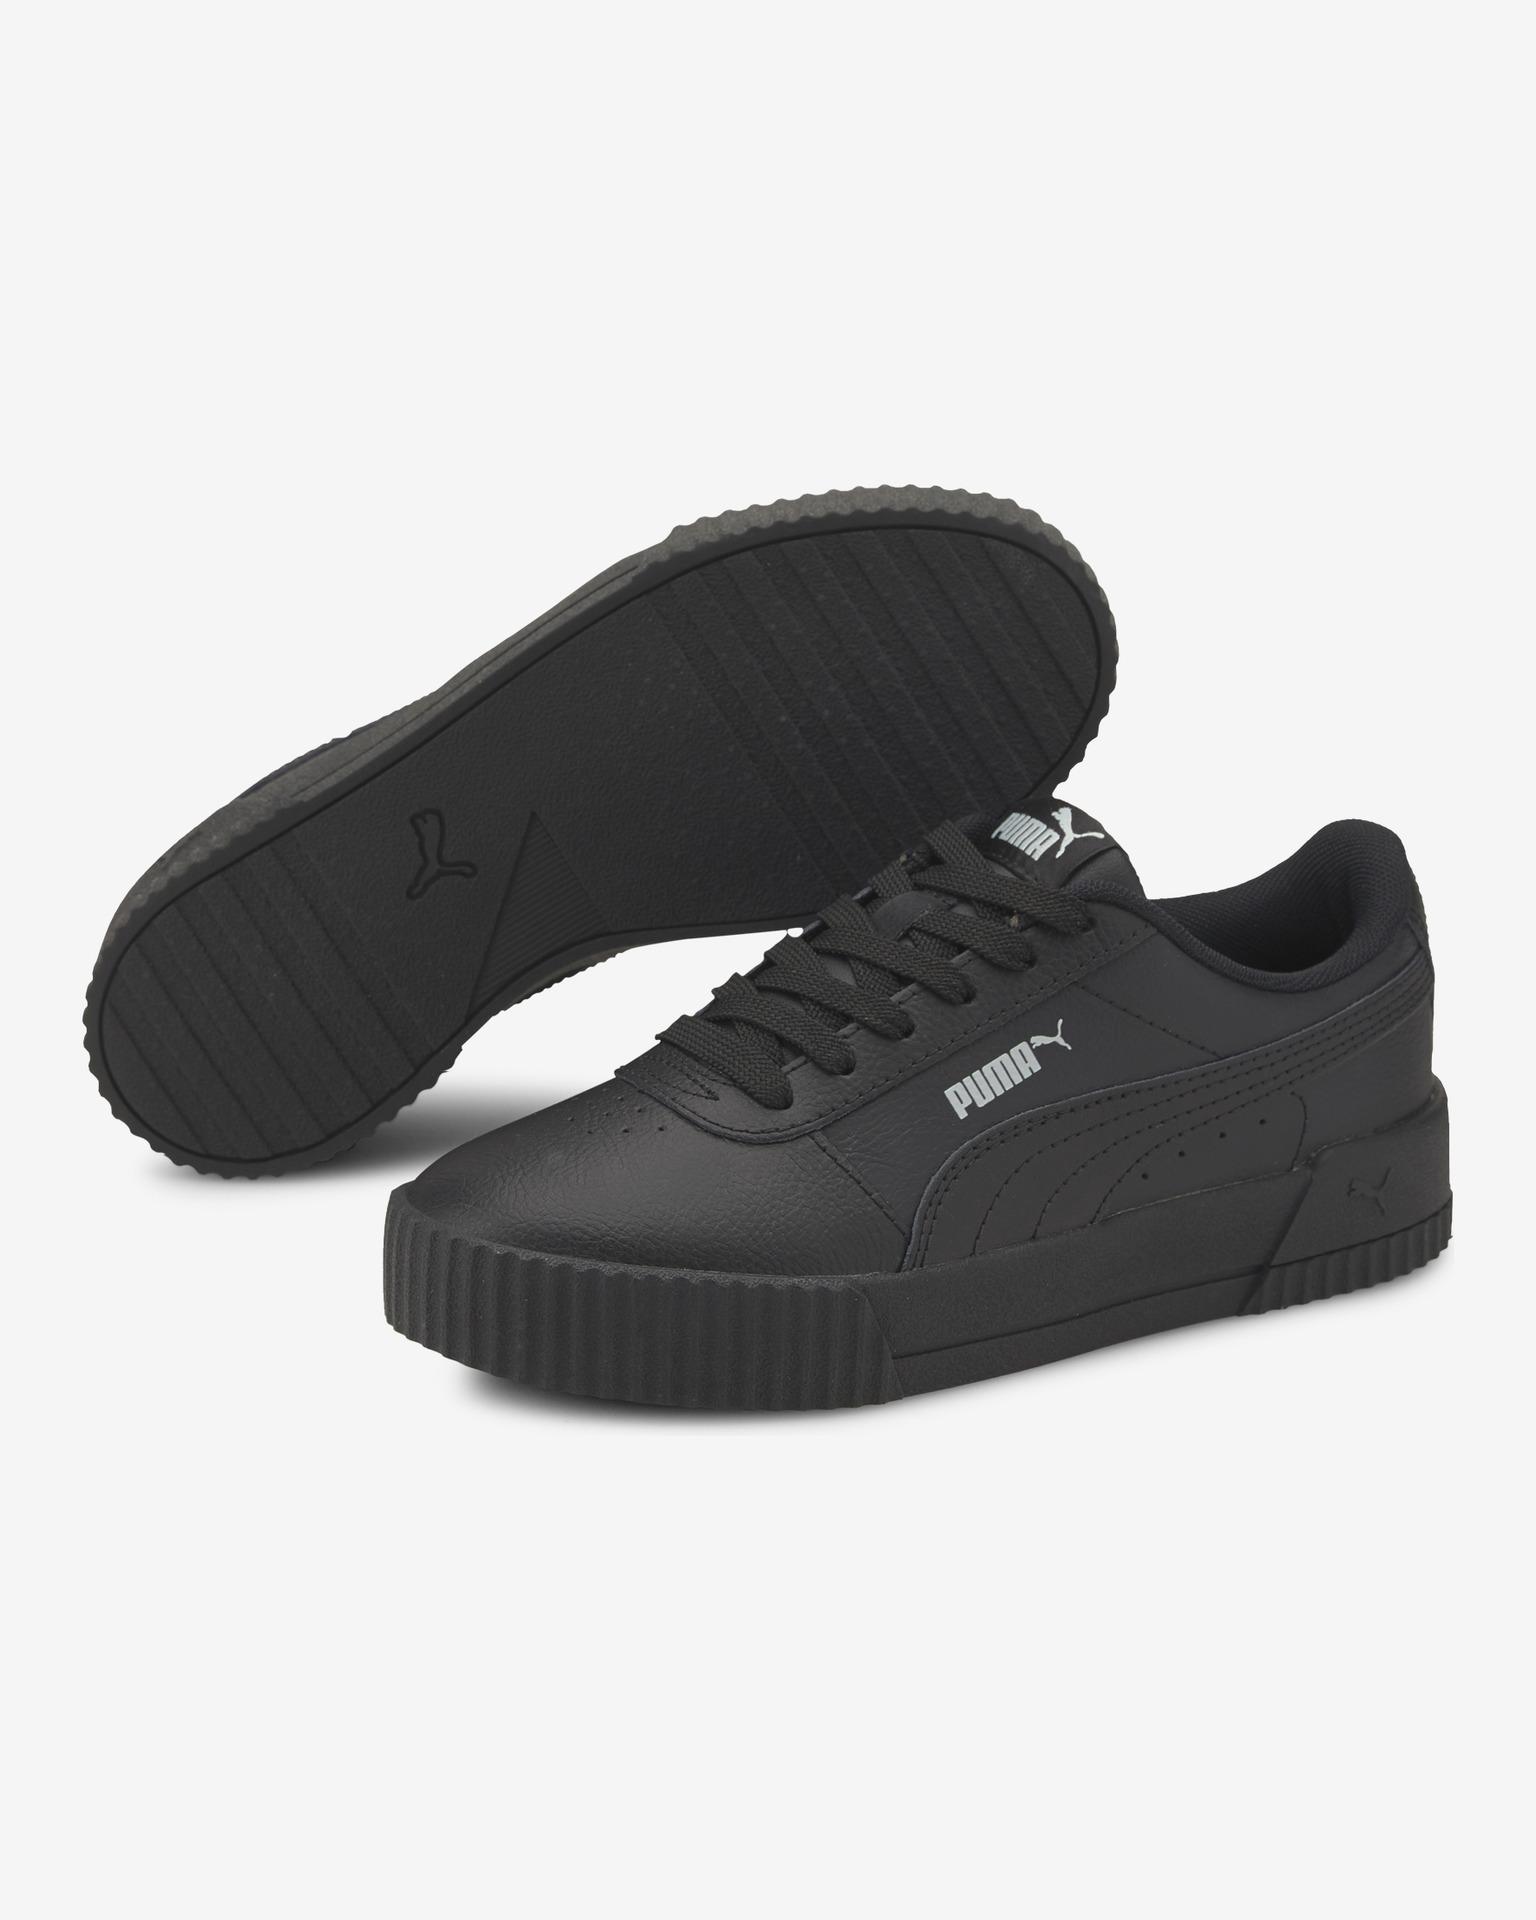 Puma - Carina L Sneakers Bibloo.com